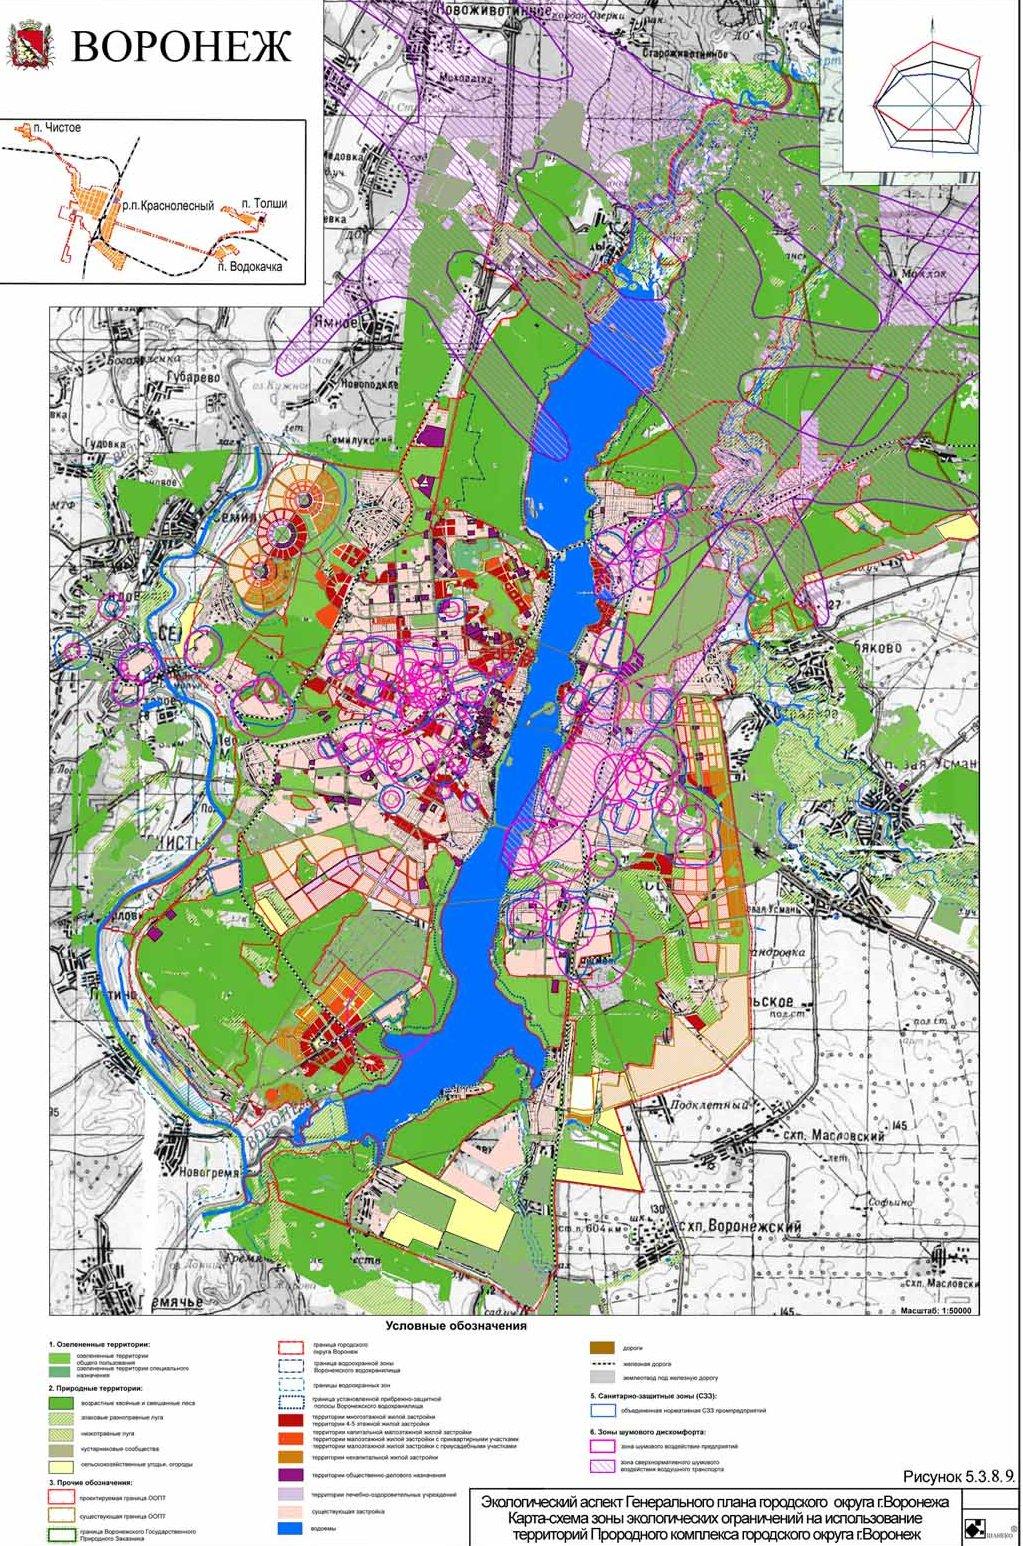 Карта-схема зоны экологических ограничений на использование территорий Природного комплекса городского округа г. Воронеж